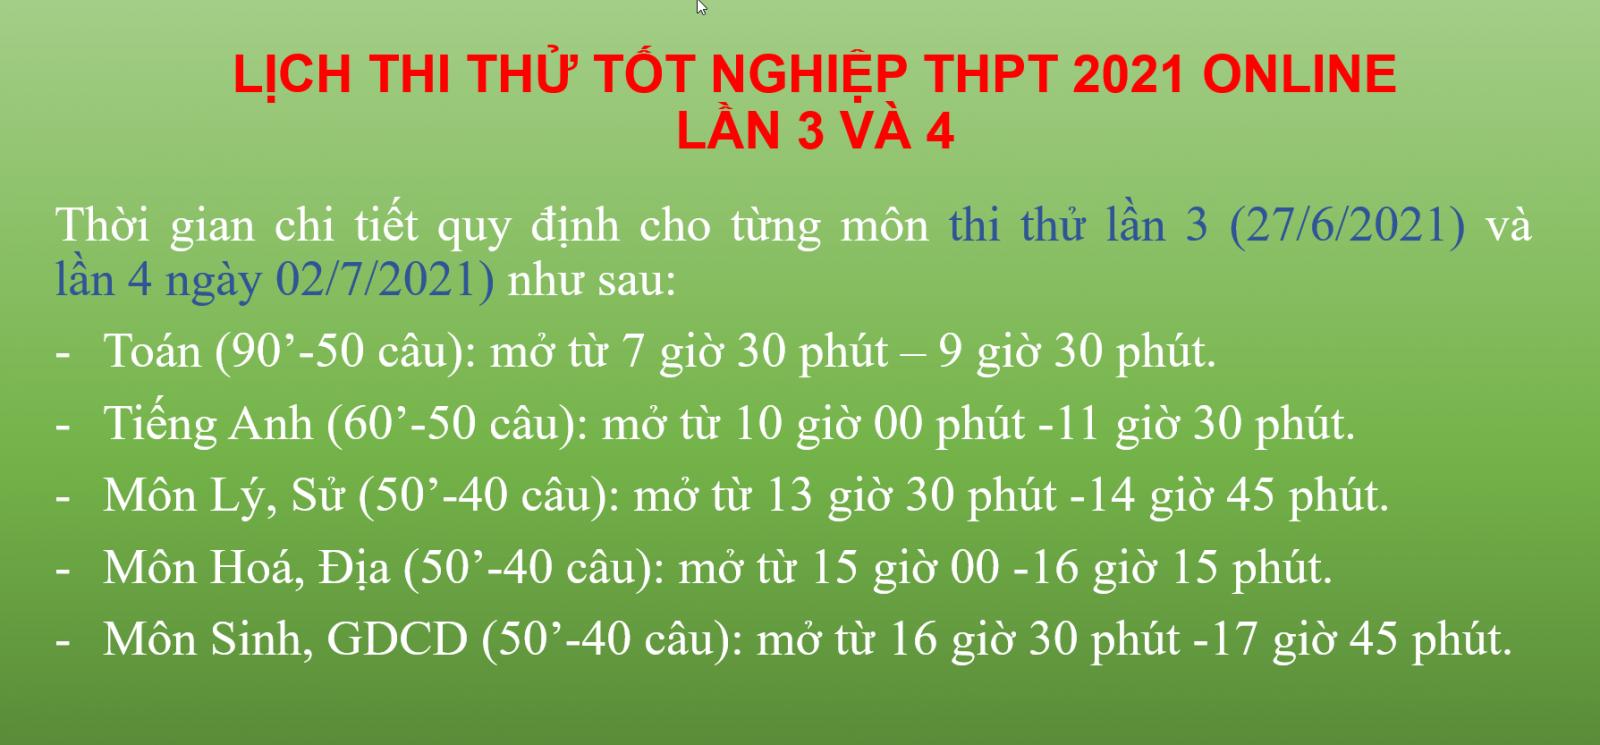 Lịch thi thử tốt nghiệp THPT lần 3 và lần 4, năm học 2020-2021